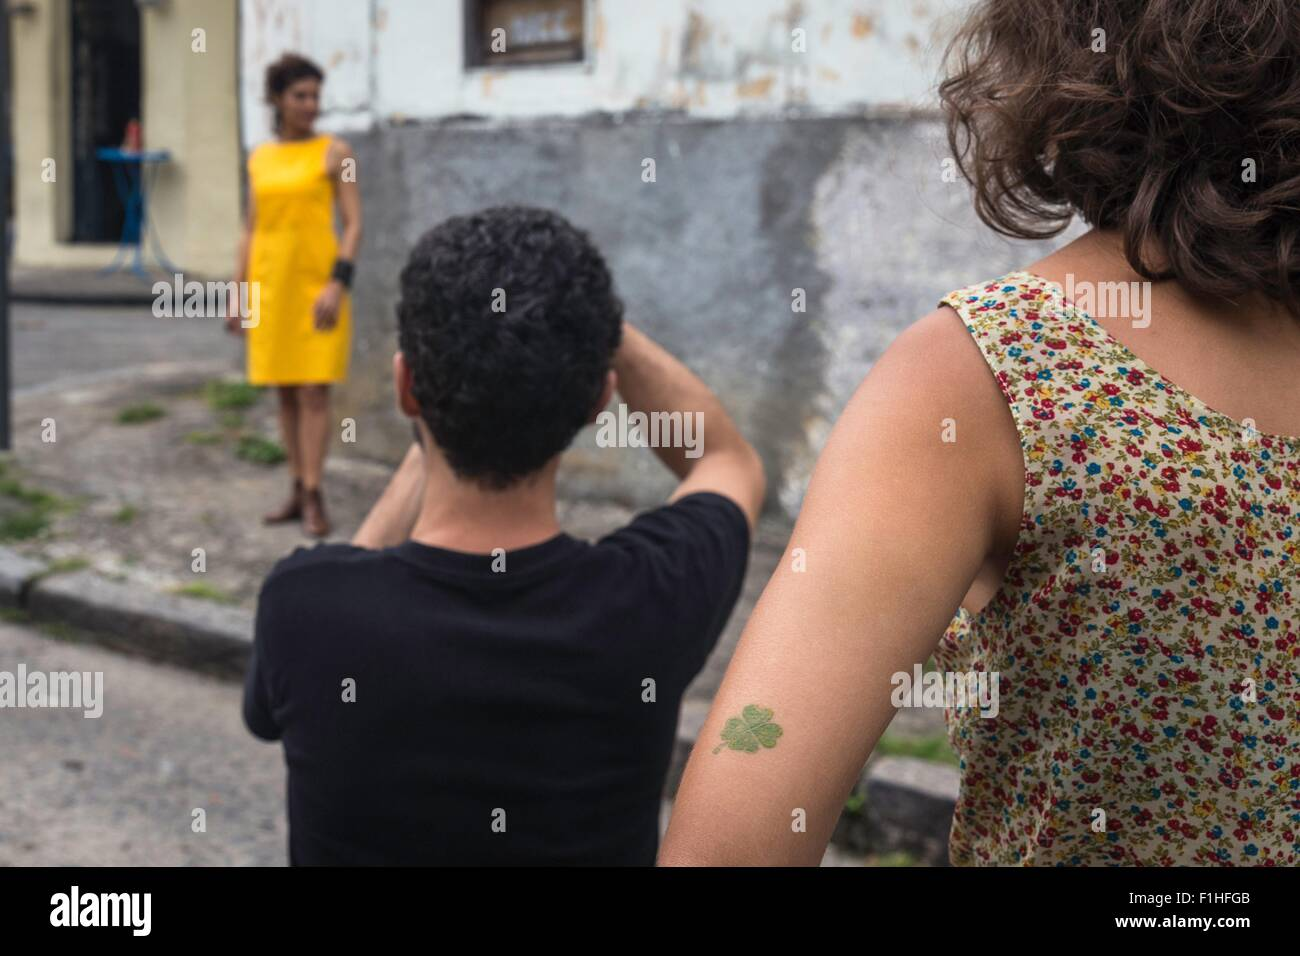 Hinter den Kulissen eine urbane Mode-Shooting mit weiblichen Modell und männlichen Fotografen Stockbild